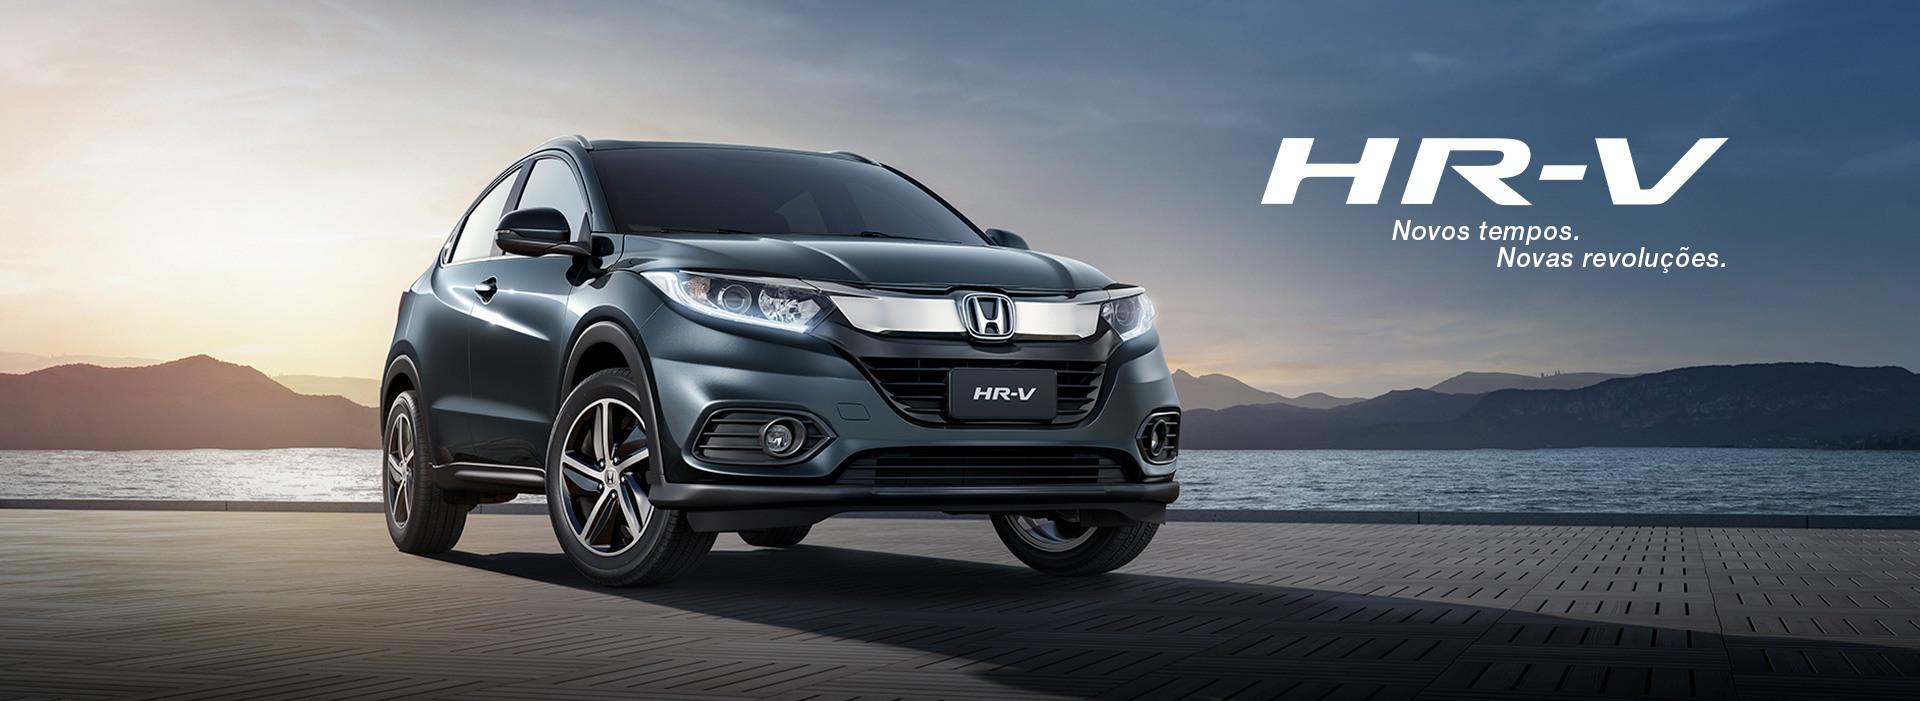 HR-V - Honda Gendai - Você na direção certa - Criciúma, Tubarão e Araranguá